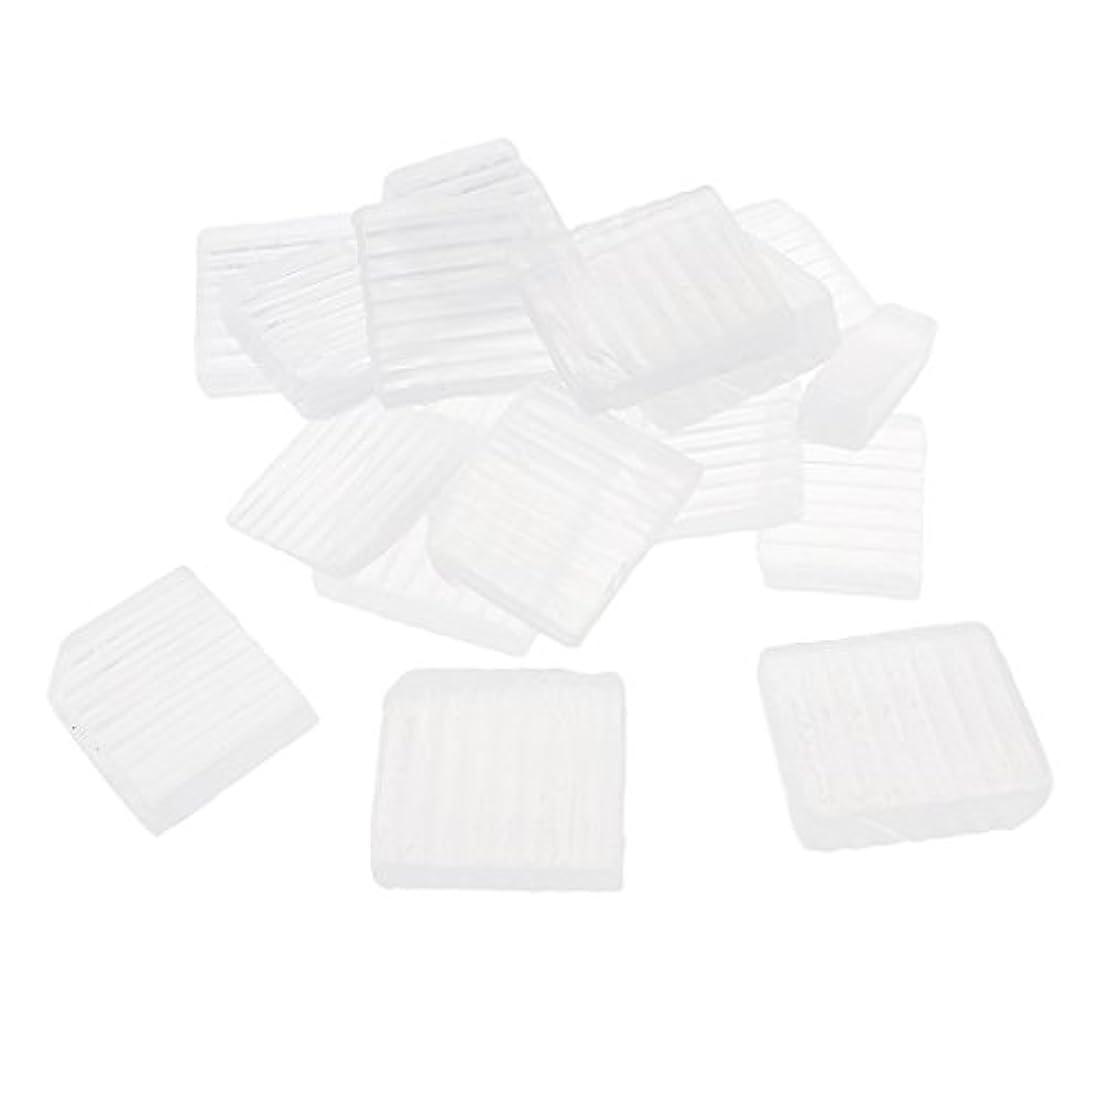 破滅チェス幸運なことにHellery 石鹸ベース DIY 石鹸作り プアソープベース 石鹸クラフト 手作り 約1 KG